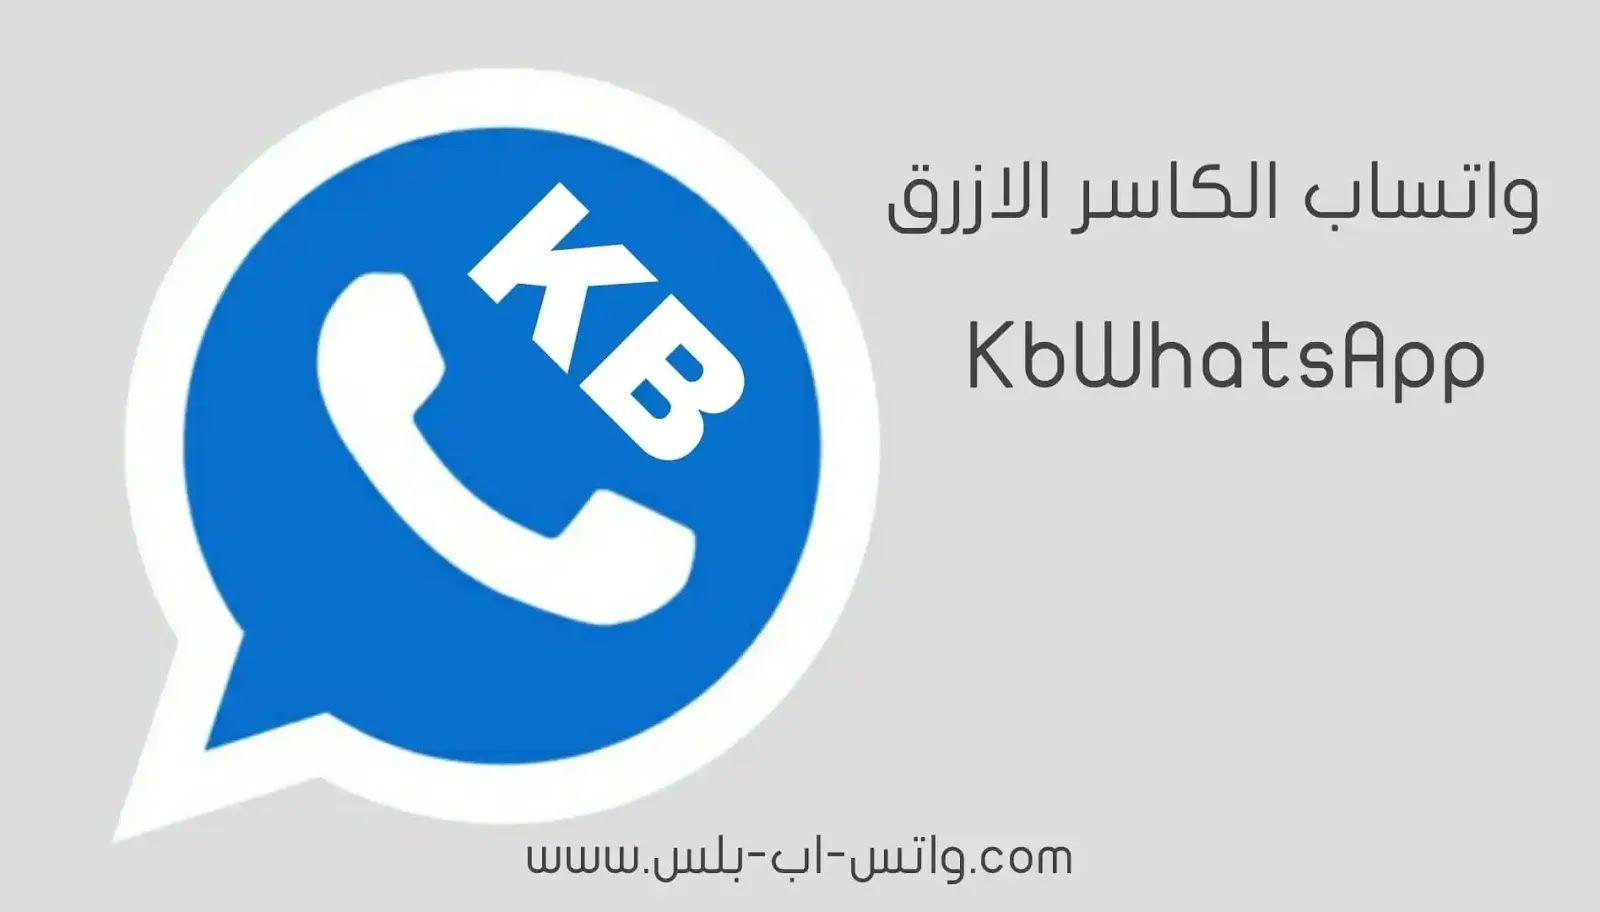 تنزيل تحديث واتساب الكاسر الازرق بلس Kbwhatsapp Plus Blue اخر إصدار ضد الحظر من رابط تحميل مباشر للاندرويد واتساب الك Telegram Logo Tech Company Logos Reading